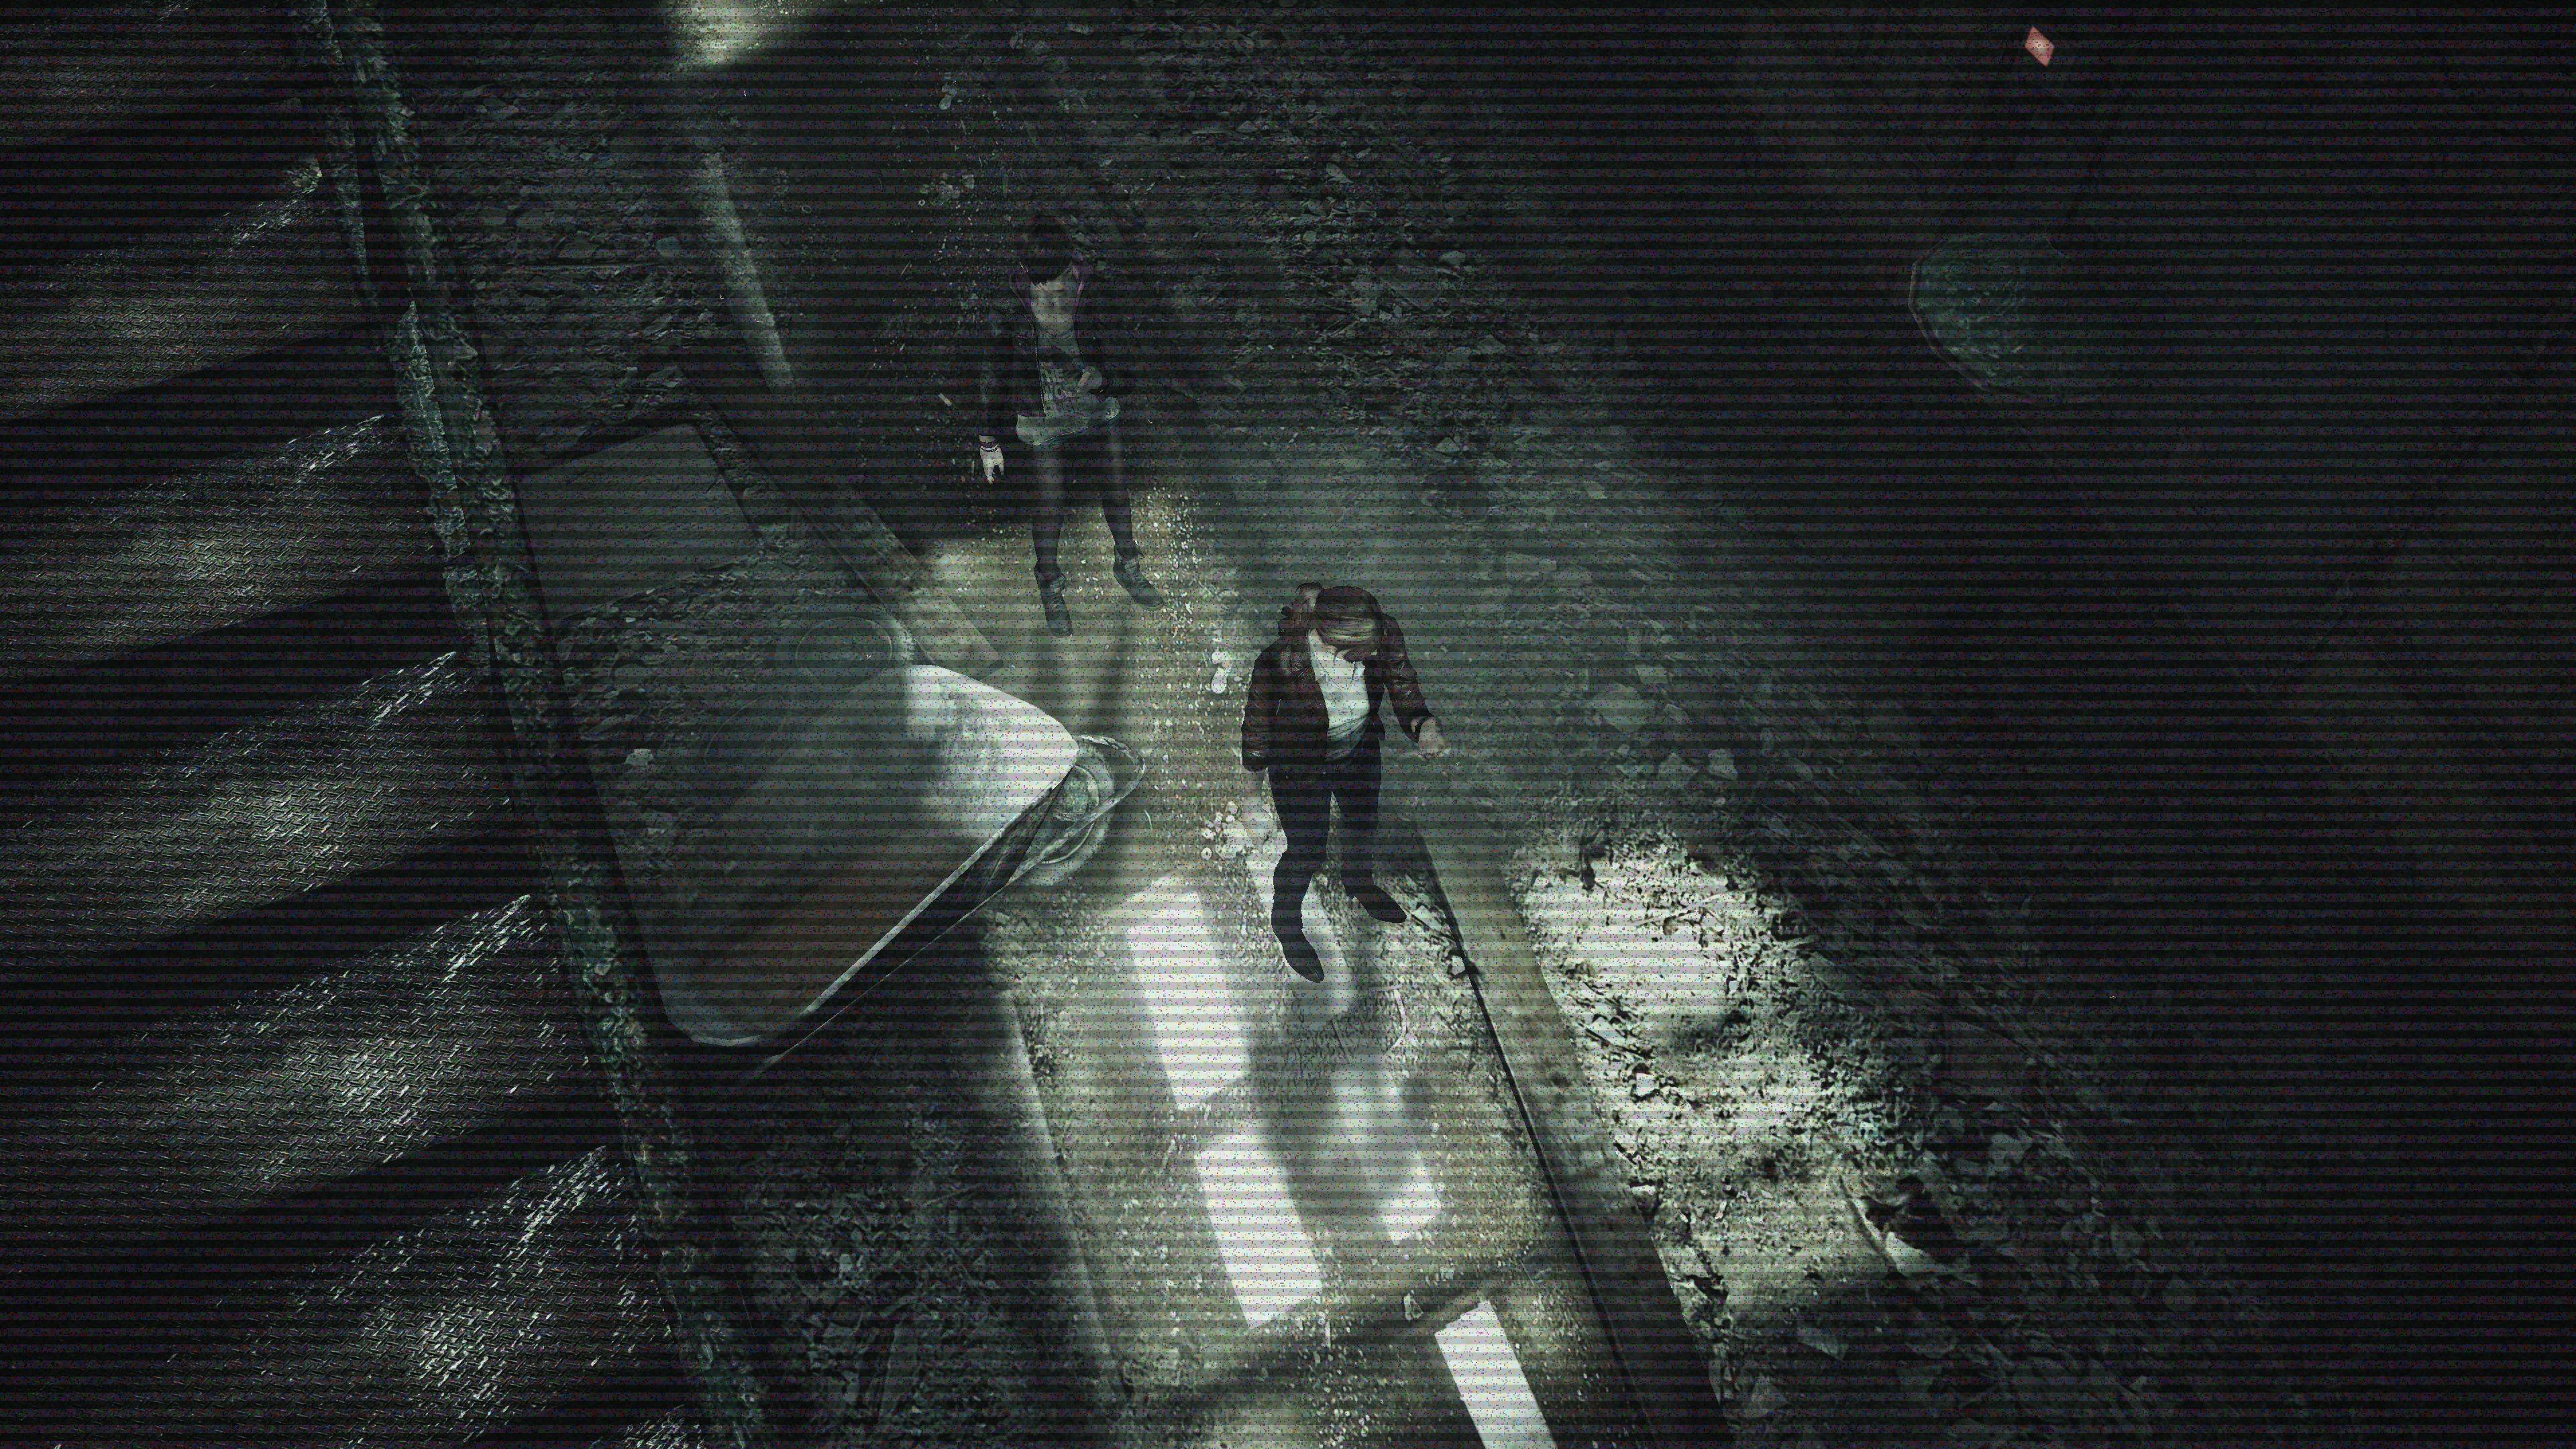 Wallpaper Resident Evil Revelations 2 Best Games 2015 Shooter Horror Zombie Pc Games 4288